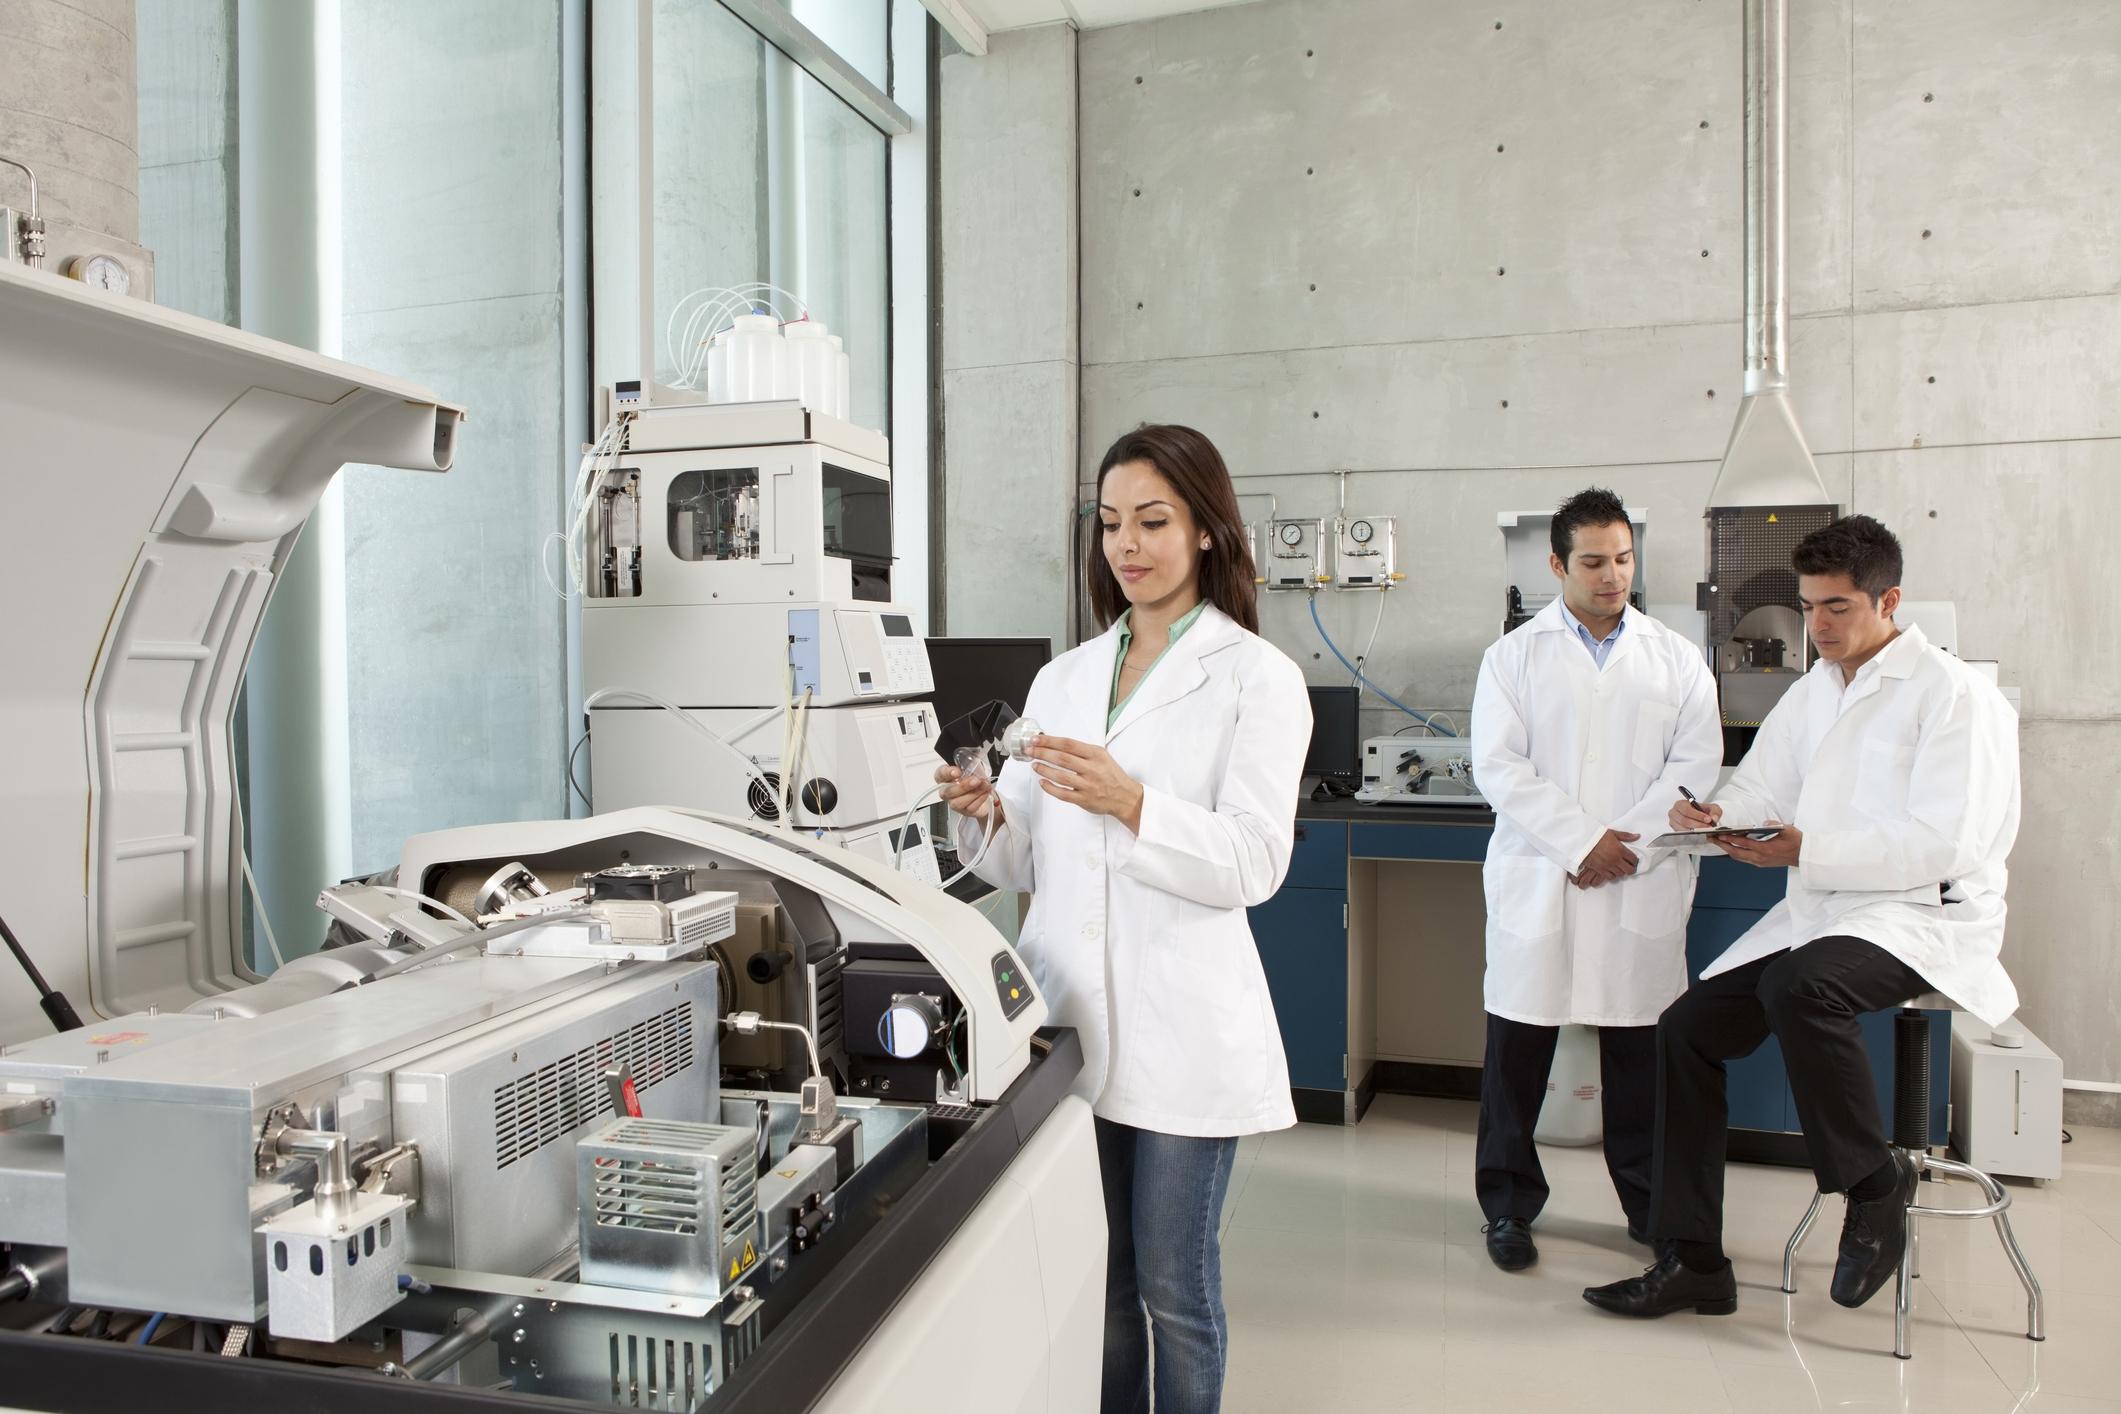 Mass Spectrometry Roundup: Liquid Chromatography Tandem Mass Spectrometry (LC-MS/MS)